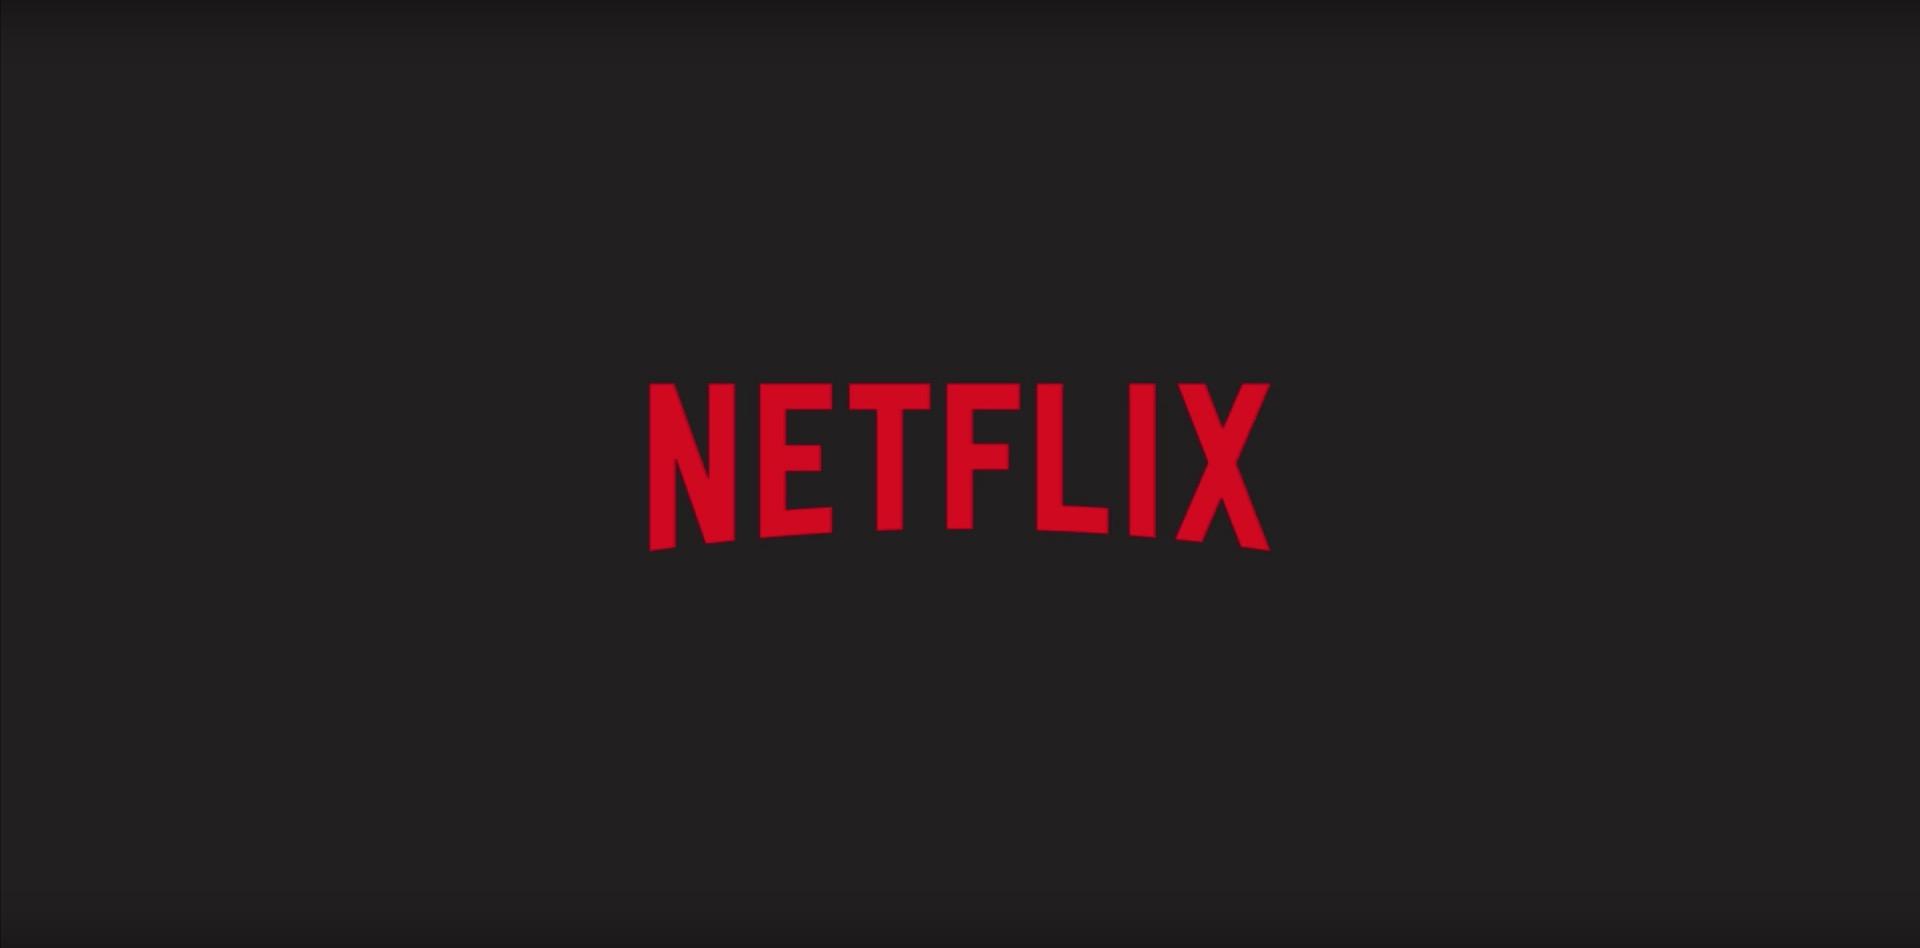 Netflix schaltet Rezensionen ab